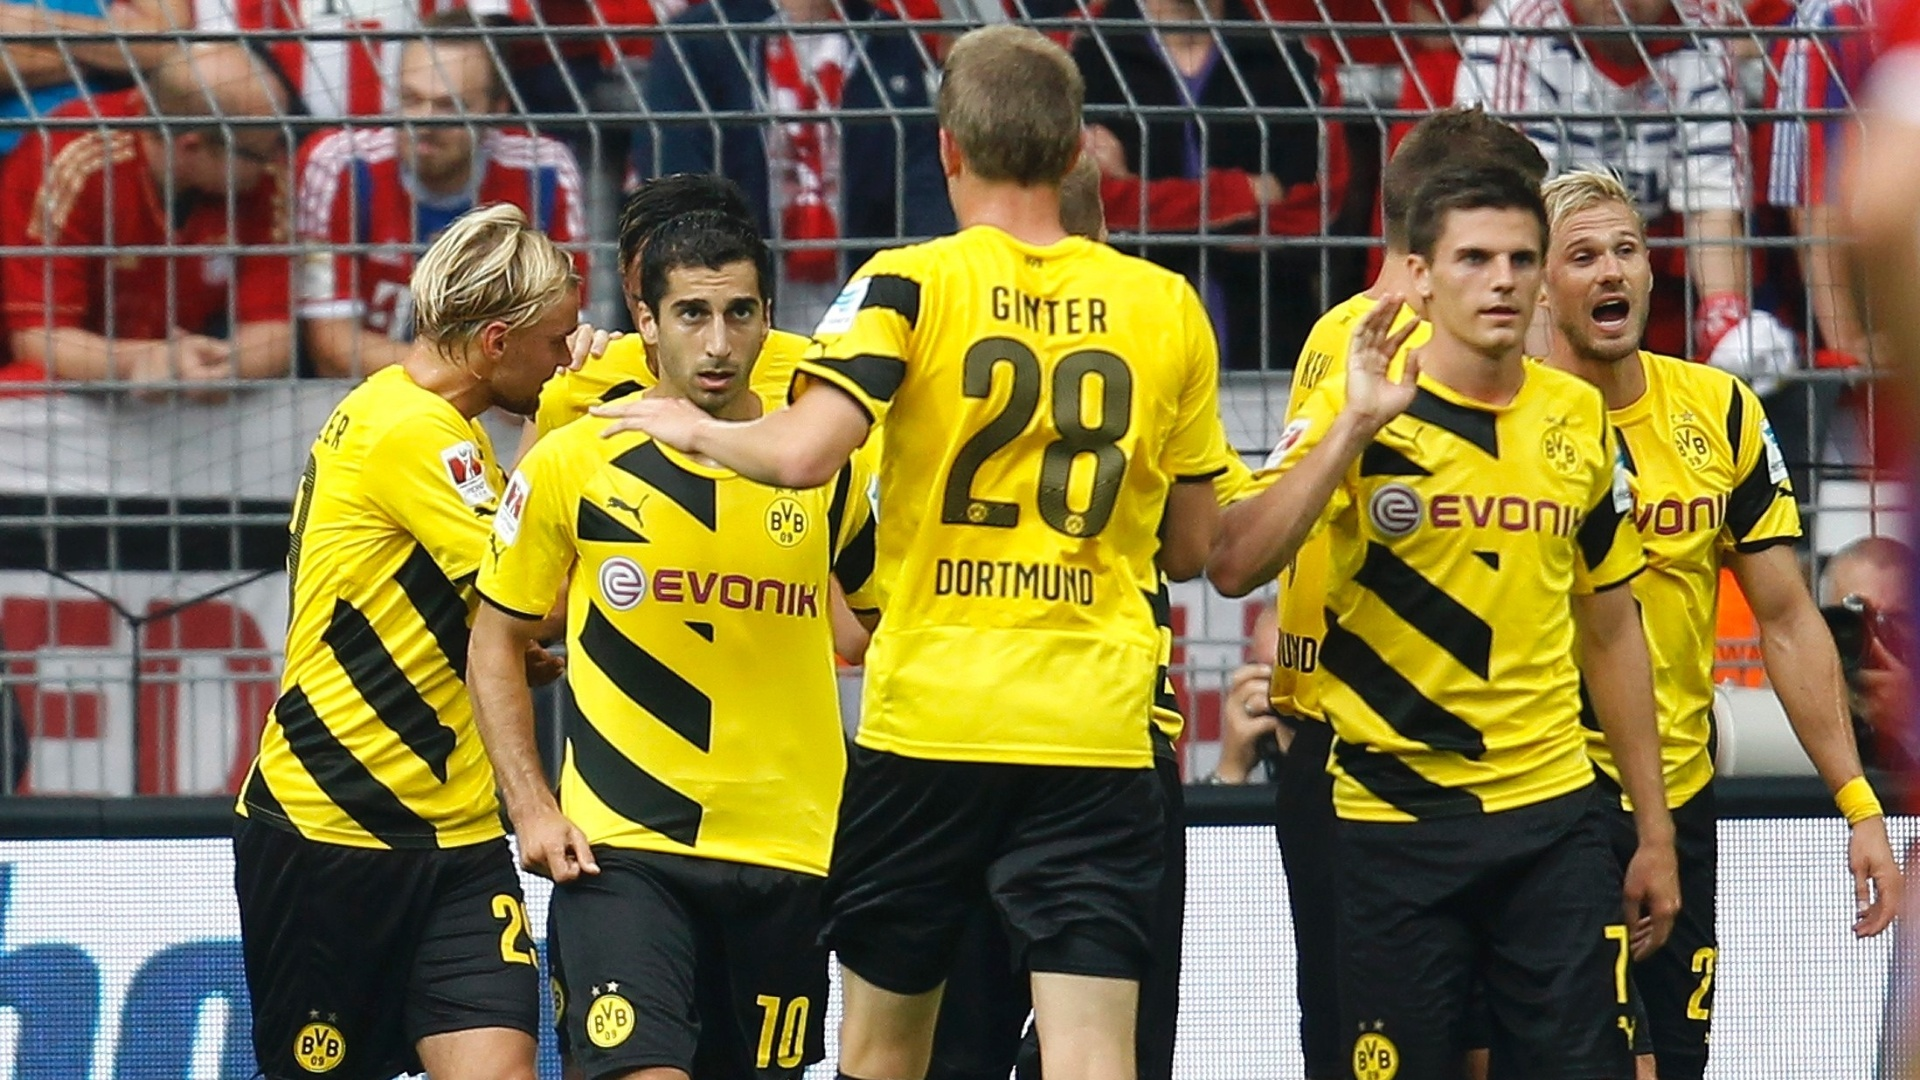 Hendrikh Mkhitaryan comemora gol marcado pelo Borussia Dortmundo pela Supercopa da Alemanha, contra o Bayern de Munique